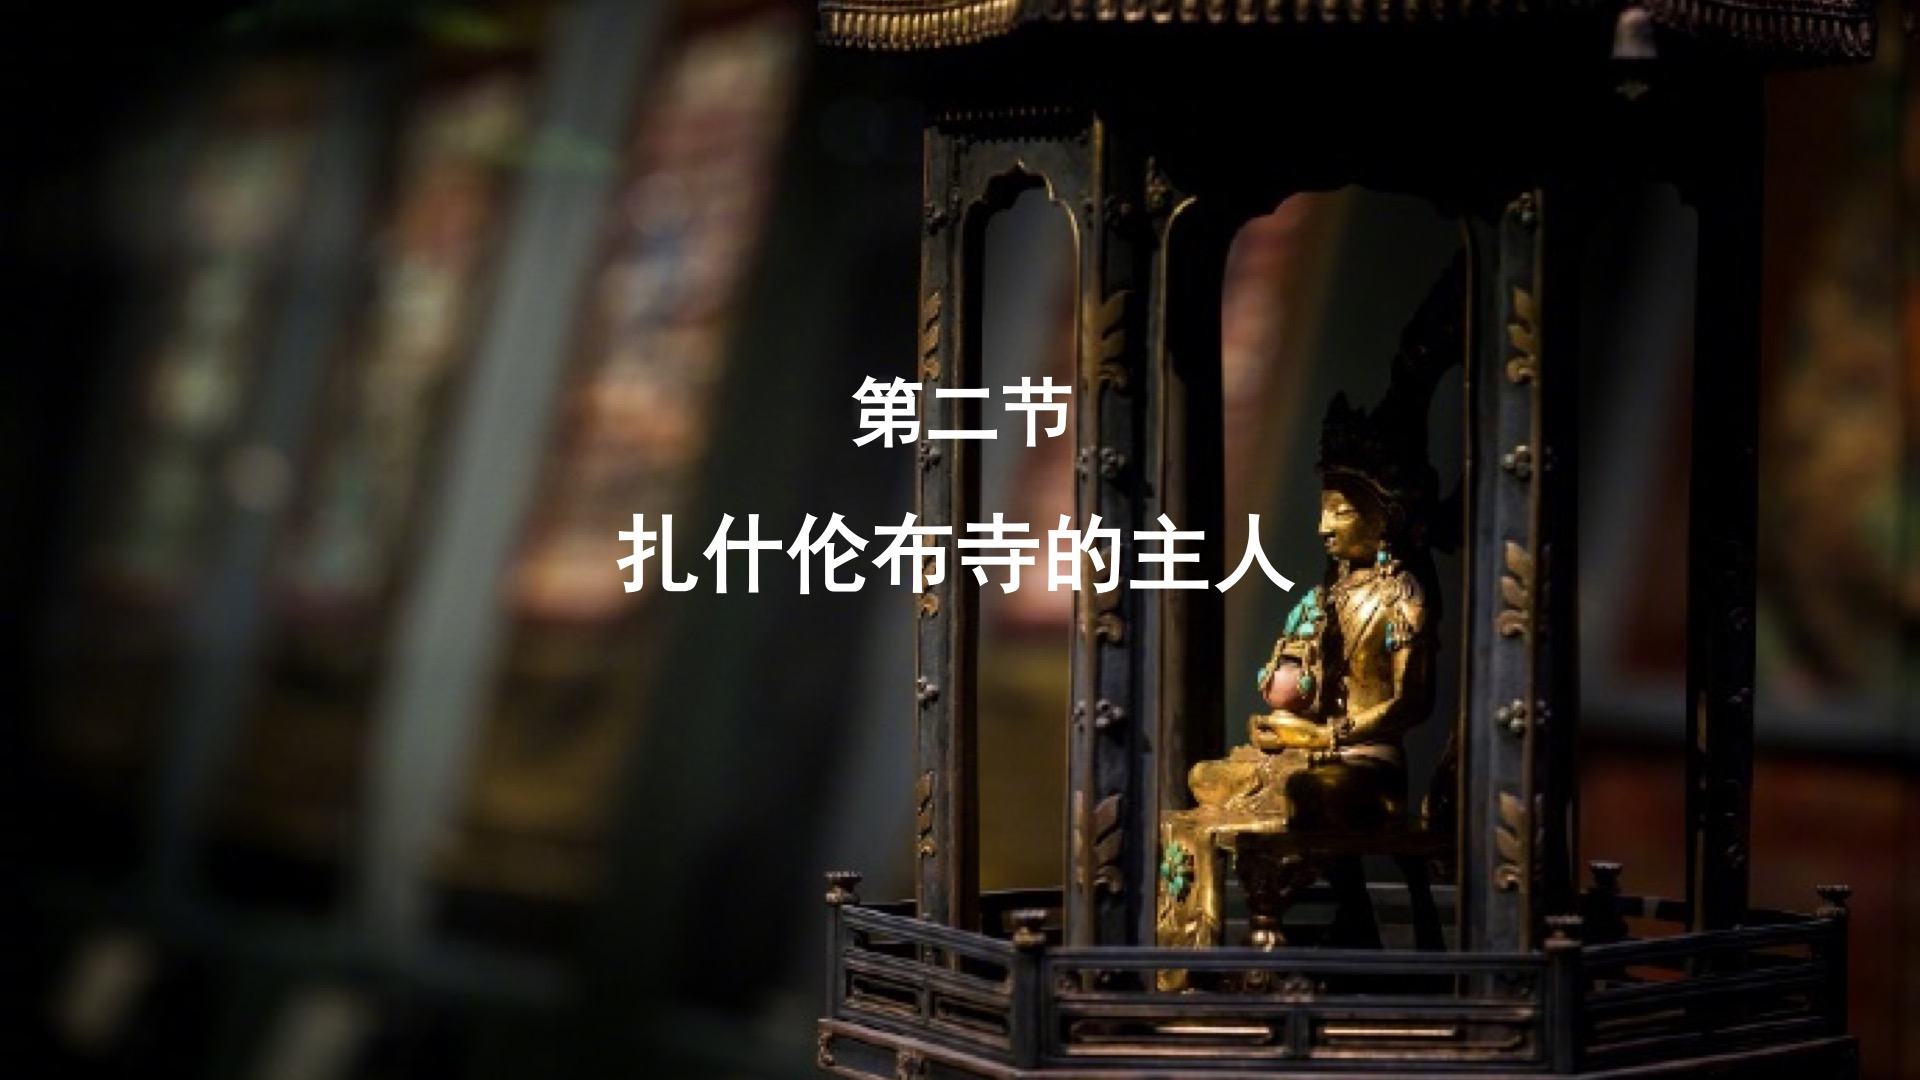 第二节:扎什伦布寺的主人